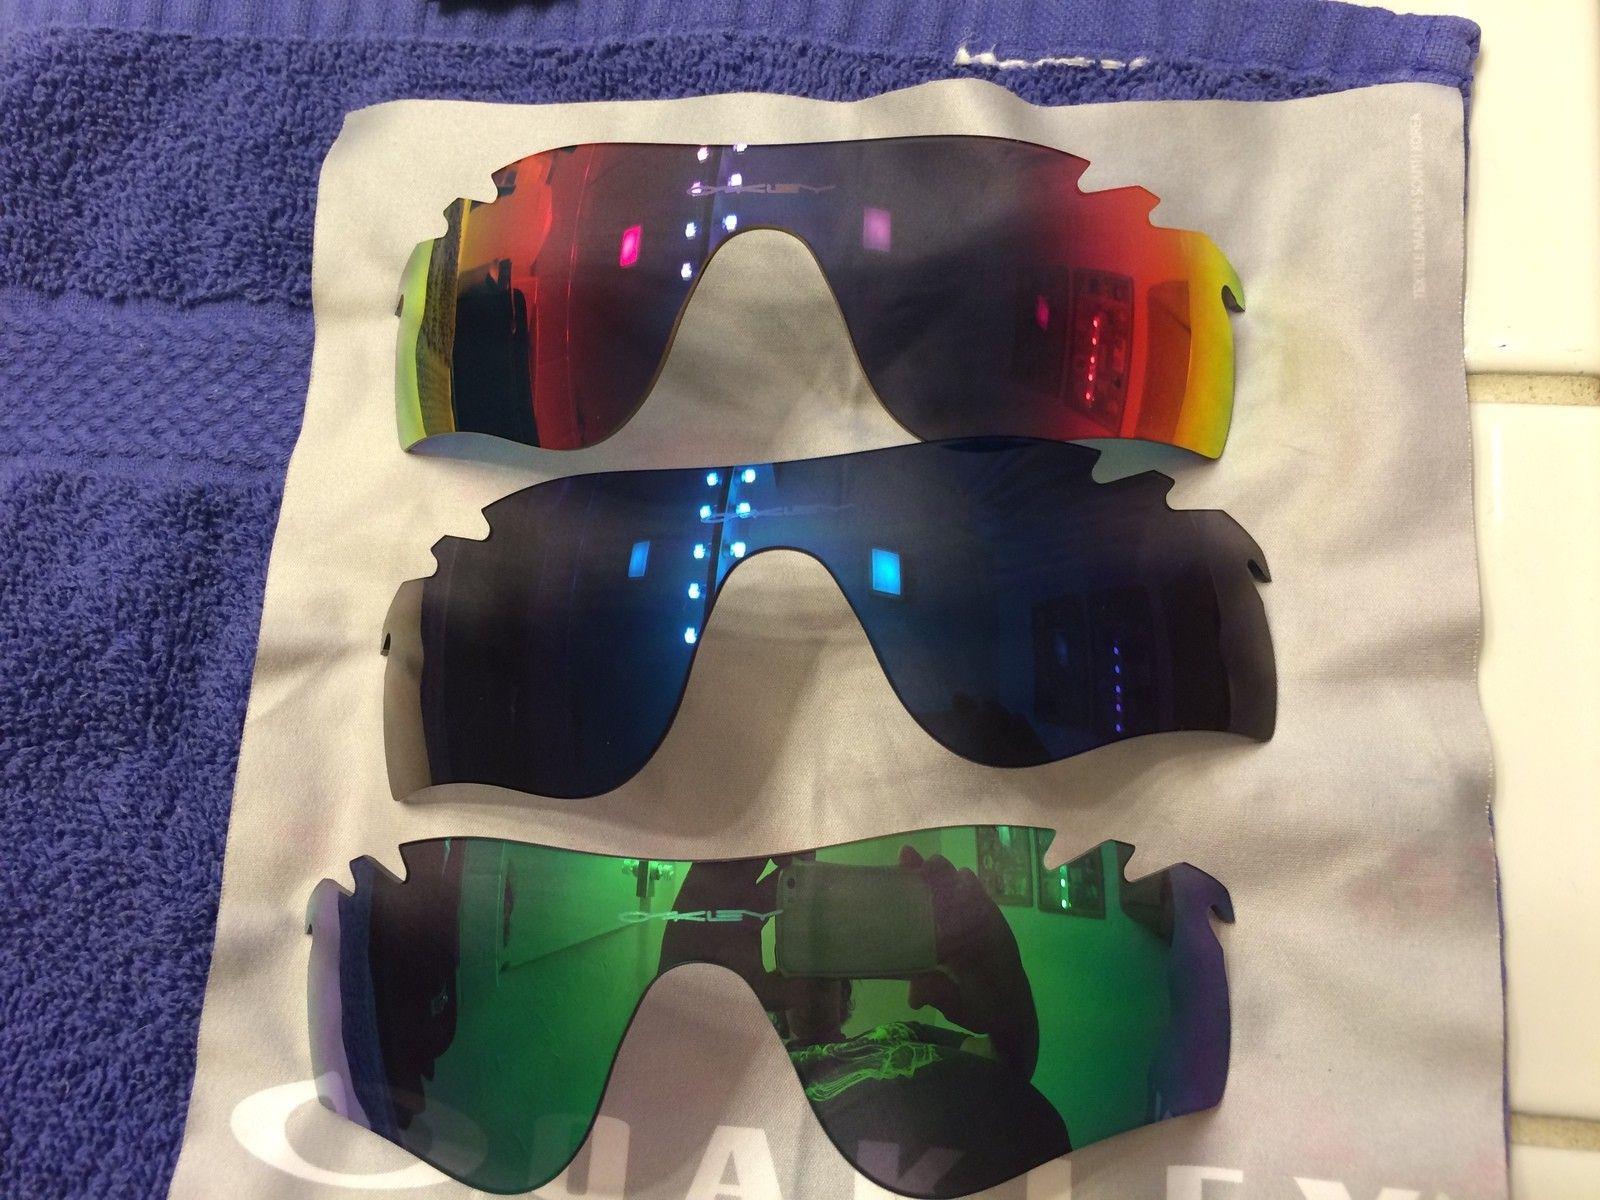 RadarLock Lenses - 3 for under $99 - NEW - 2015-06-27 19.16.40.jpg